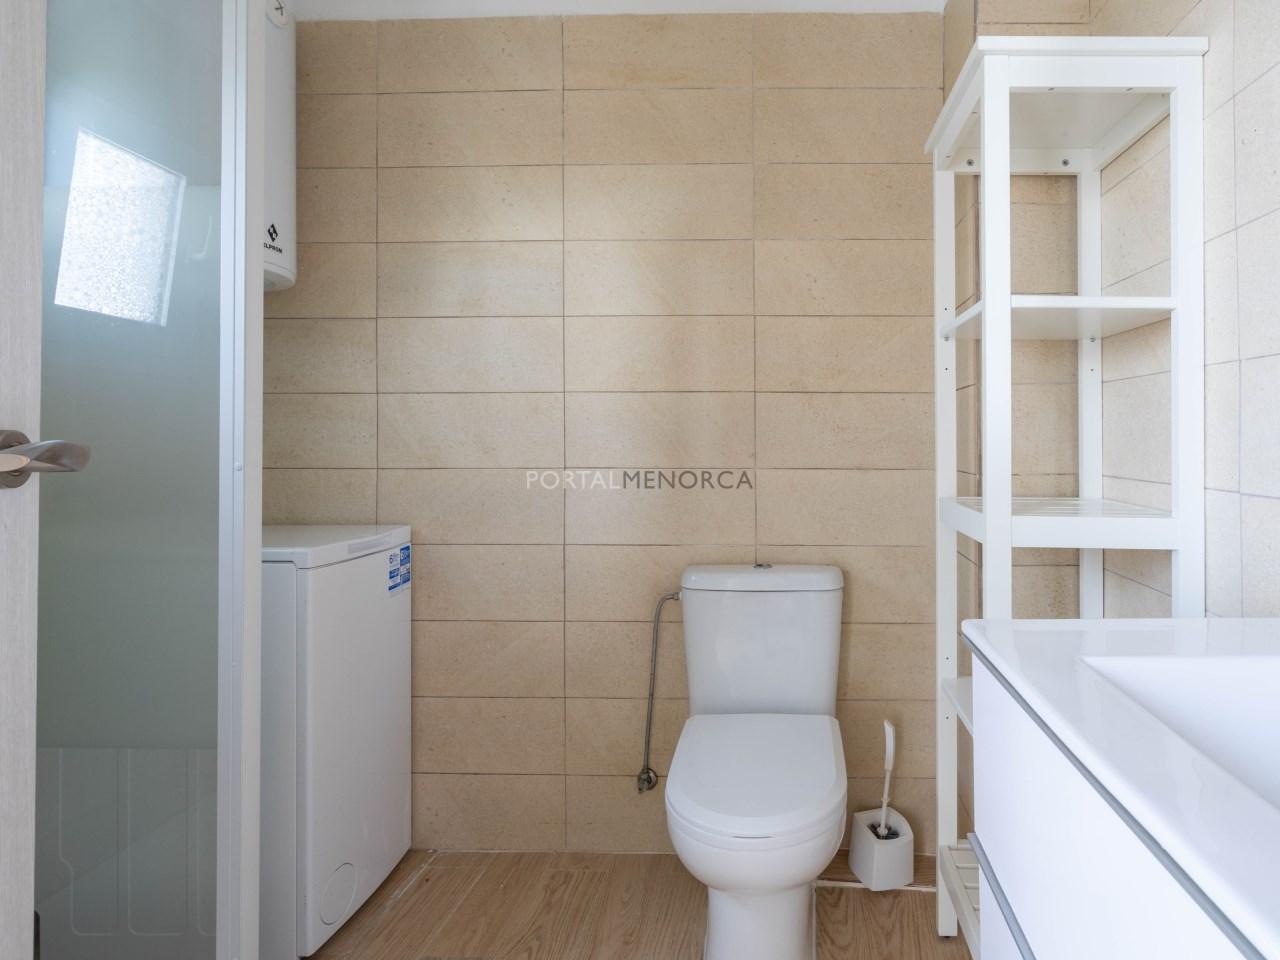 acheter-appartement-minorque (2)